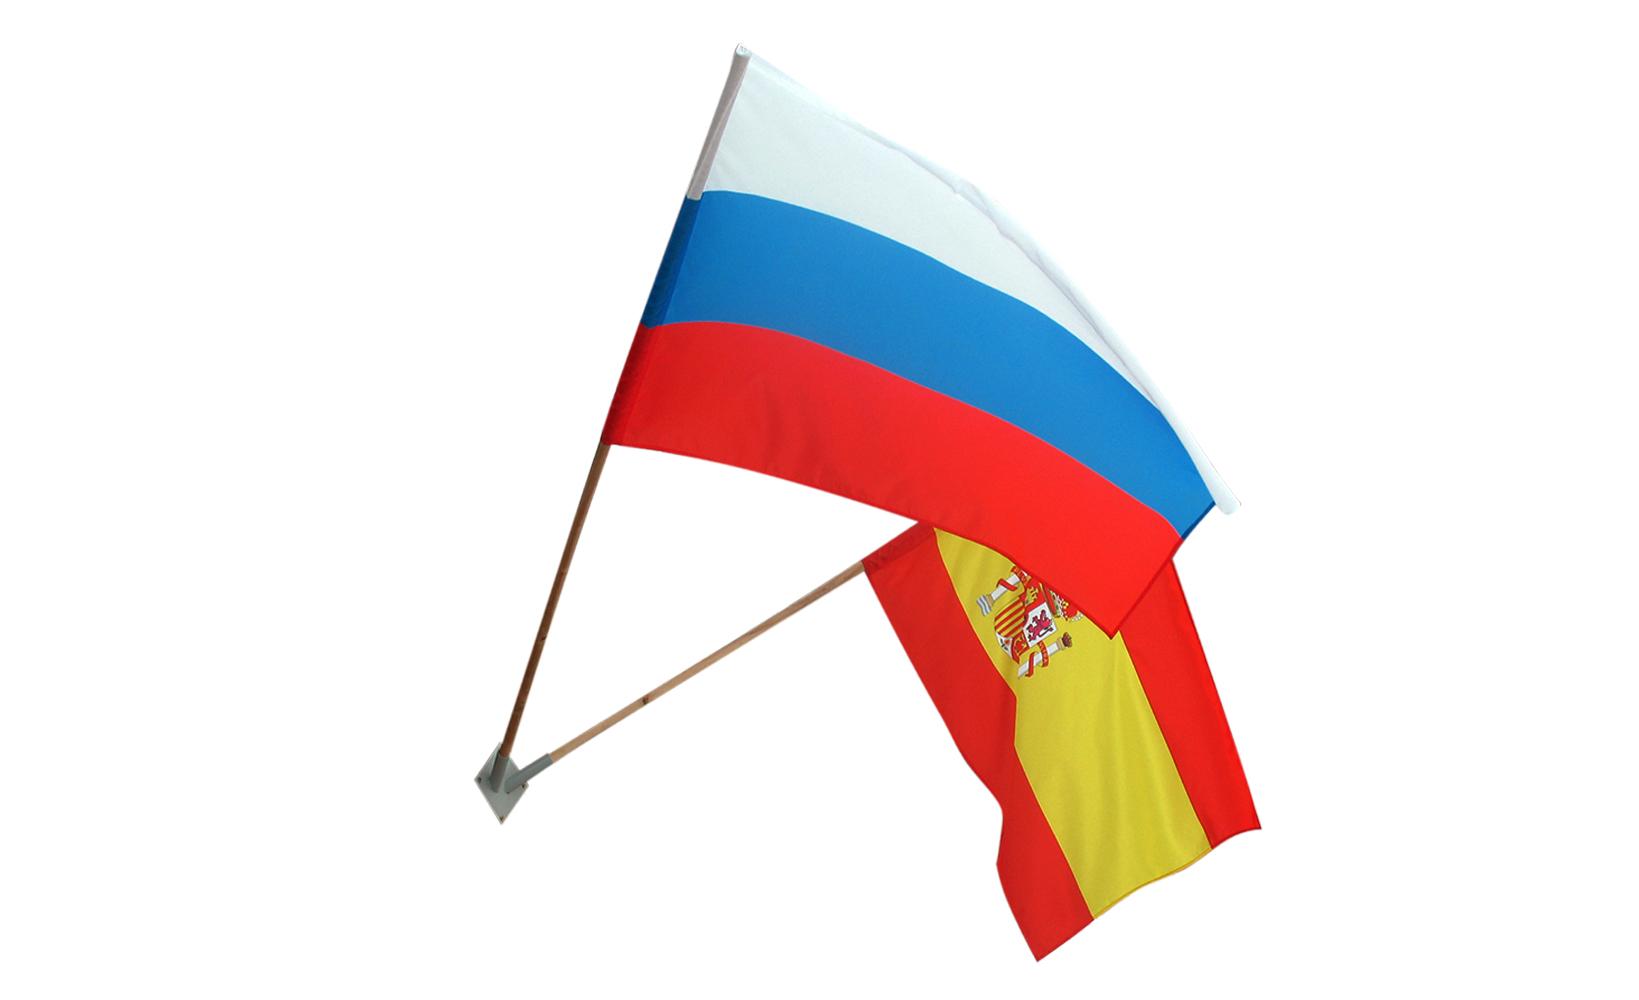 Resultado de imagen de spain russia banderas